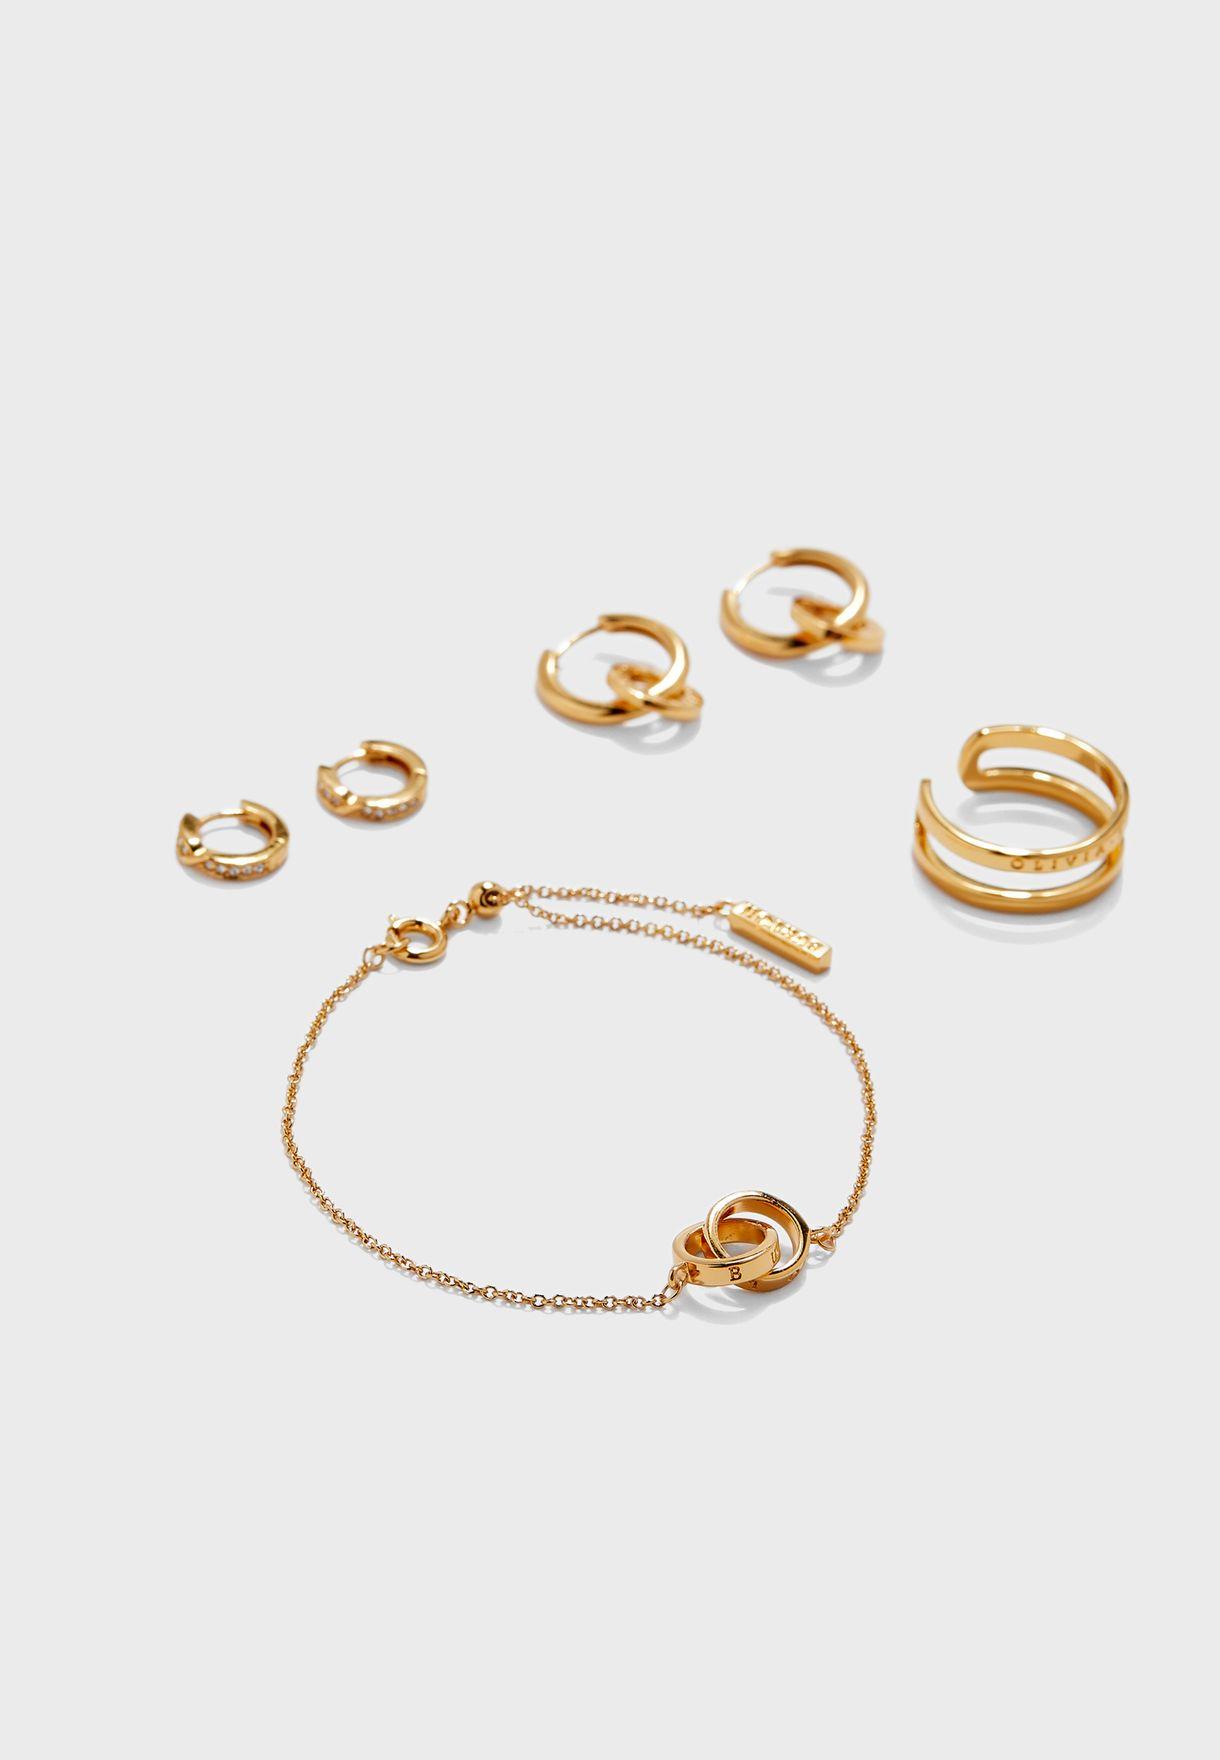 The Classics Bracelet+Earrings Gift Set